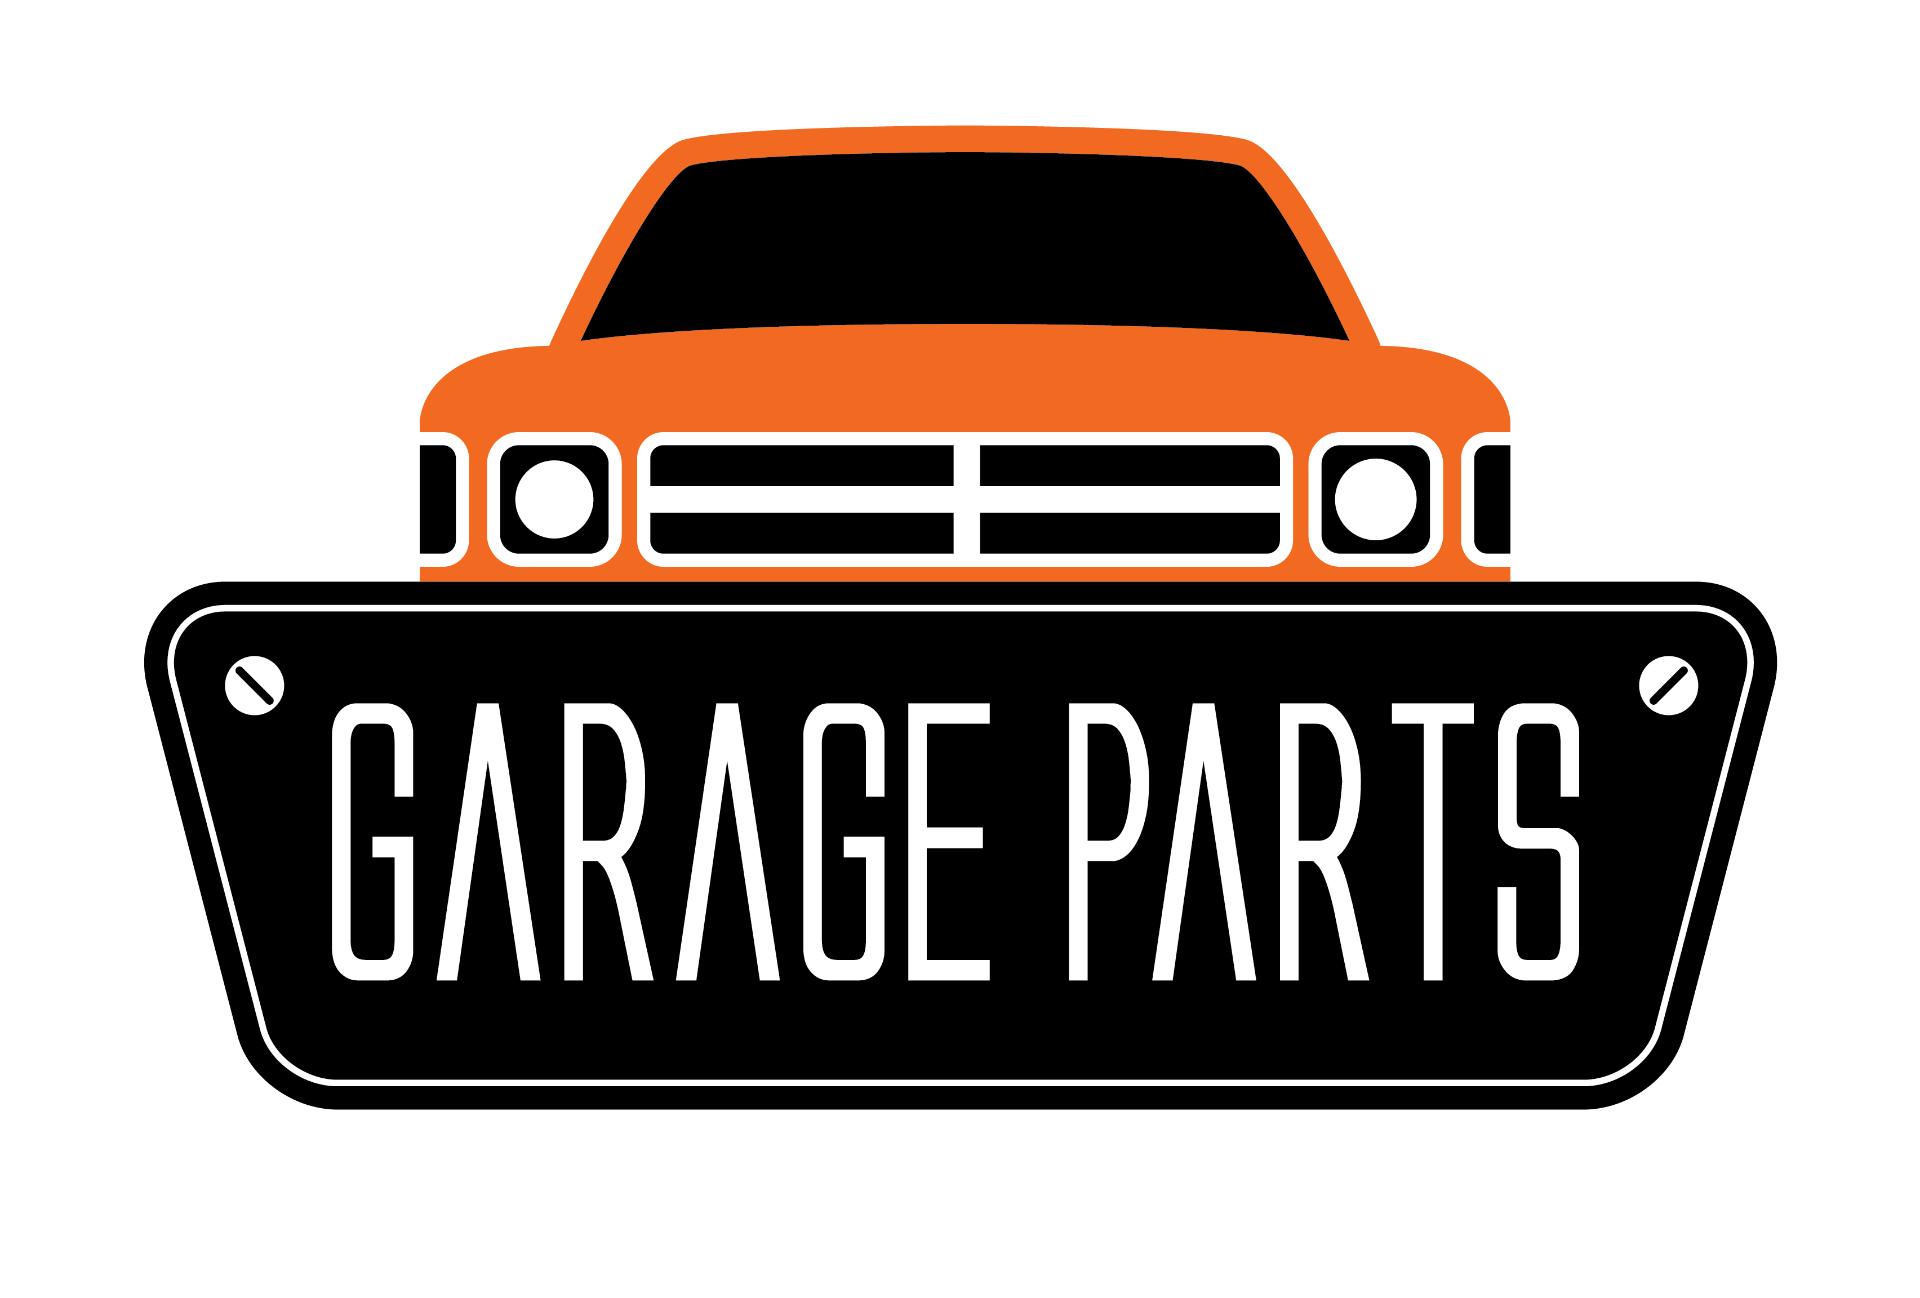 Garage Parts